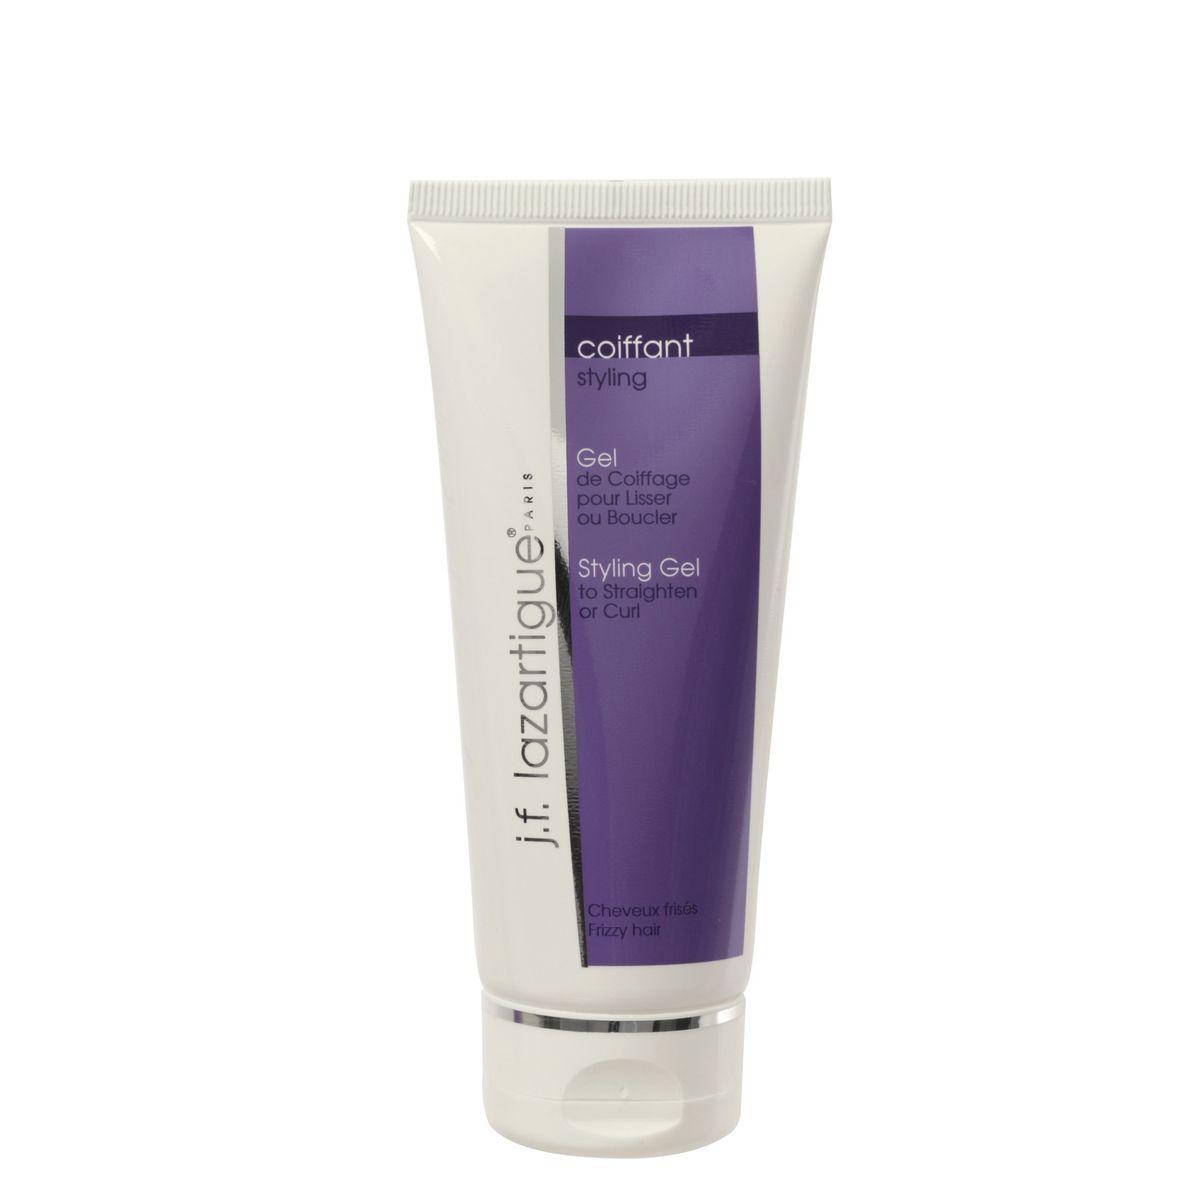 J.F.Lazartigue Гель для распрямления или укладки вьющихся волос 100 млE6295456Это специальное увлажняющее и защитное средство для вьющихся волос. Легко наносится на влажные волосы. Гель не является выпрямителем для волос, но он ослабляет завитки и облегчает укладку. Гель препятствует завиванию волос под действием влаги, что позволяет укладке держаться дольше.